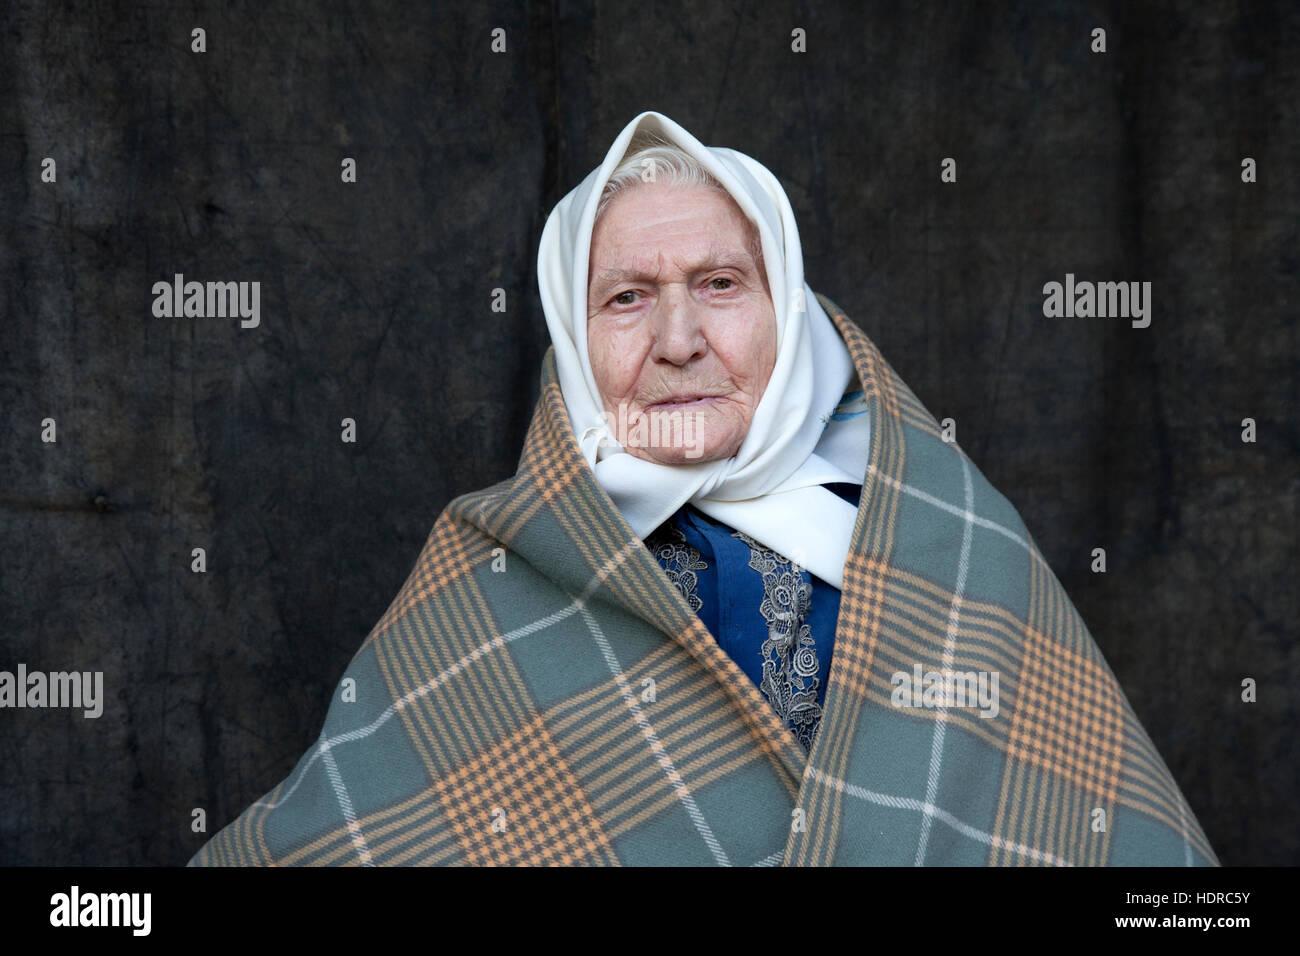 Mujer vistiendo trajes tradicionales pf Sur de Moravia, República Checa Imagen De Stock